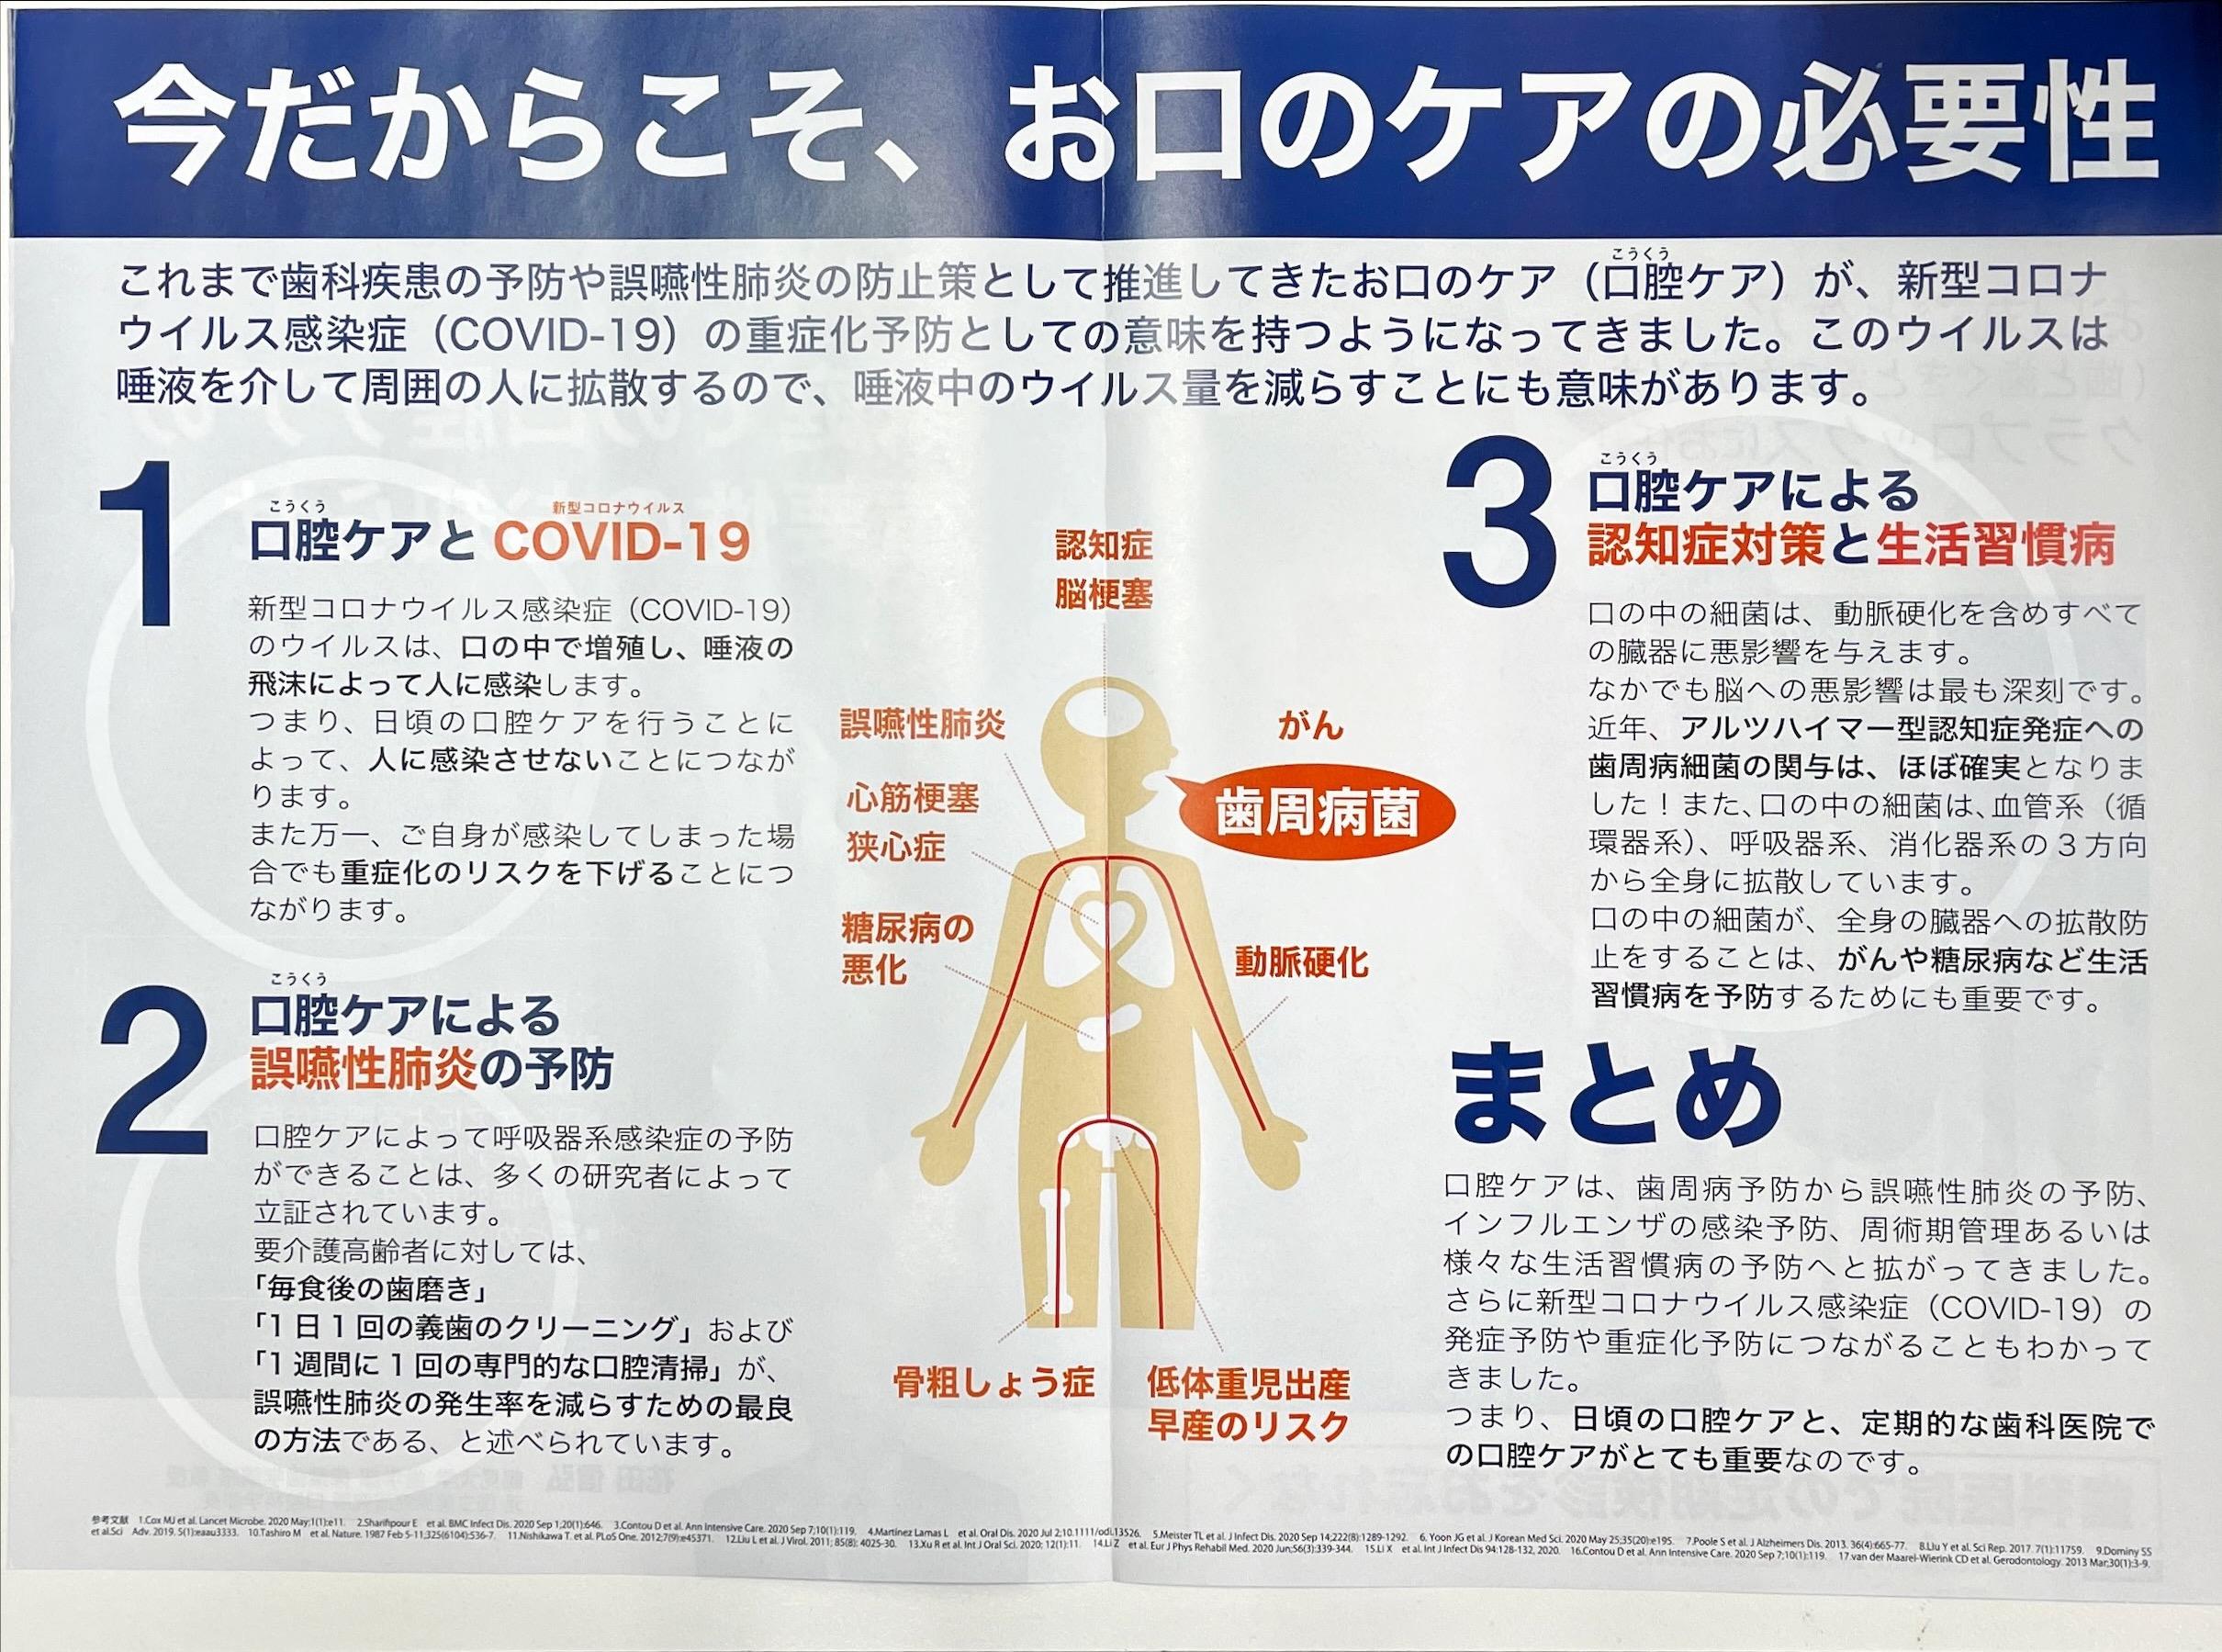 口腔ケアの必要性   Dr kiyohara